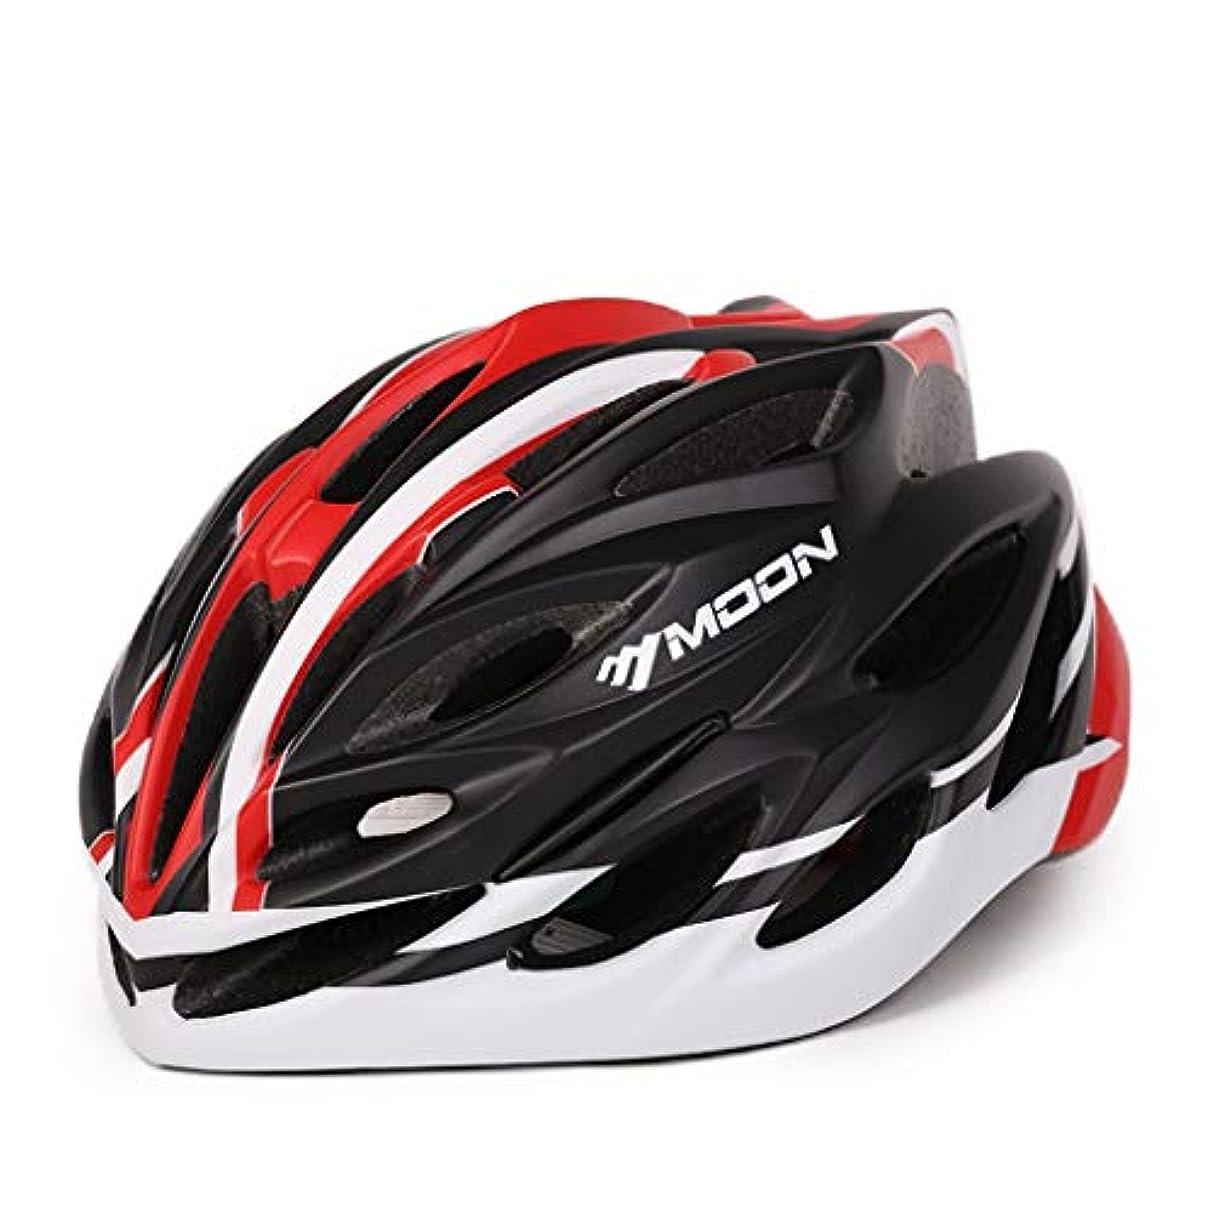 ハチ武器所有権大人用自転車ヘルメット、男性用、女性用、軽量自転車用ヘルメットパッド調節可能 (Color : 1)